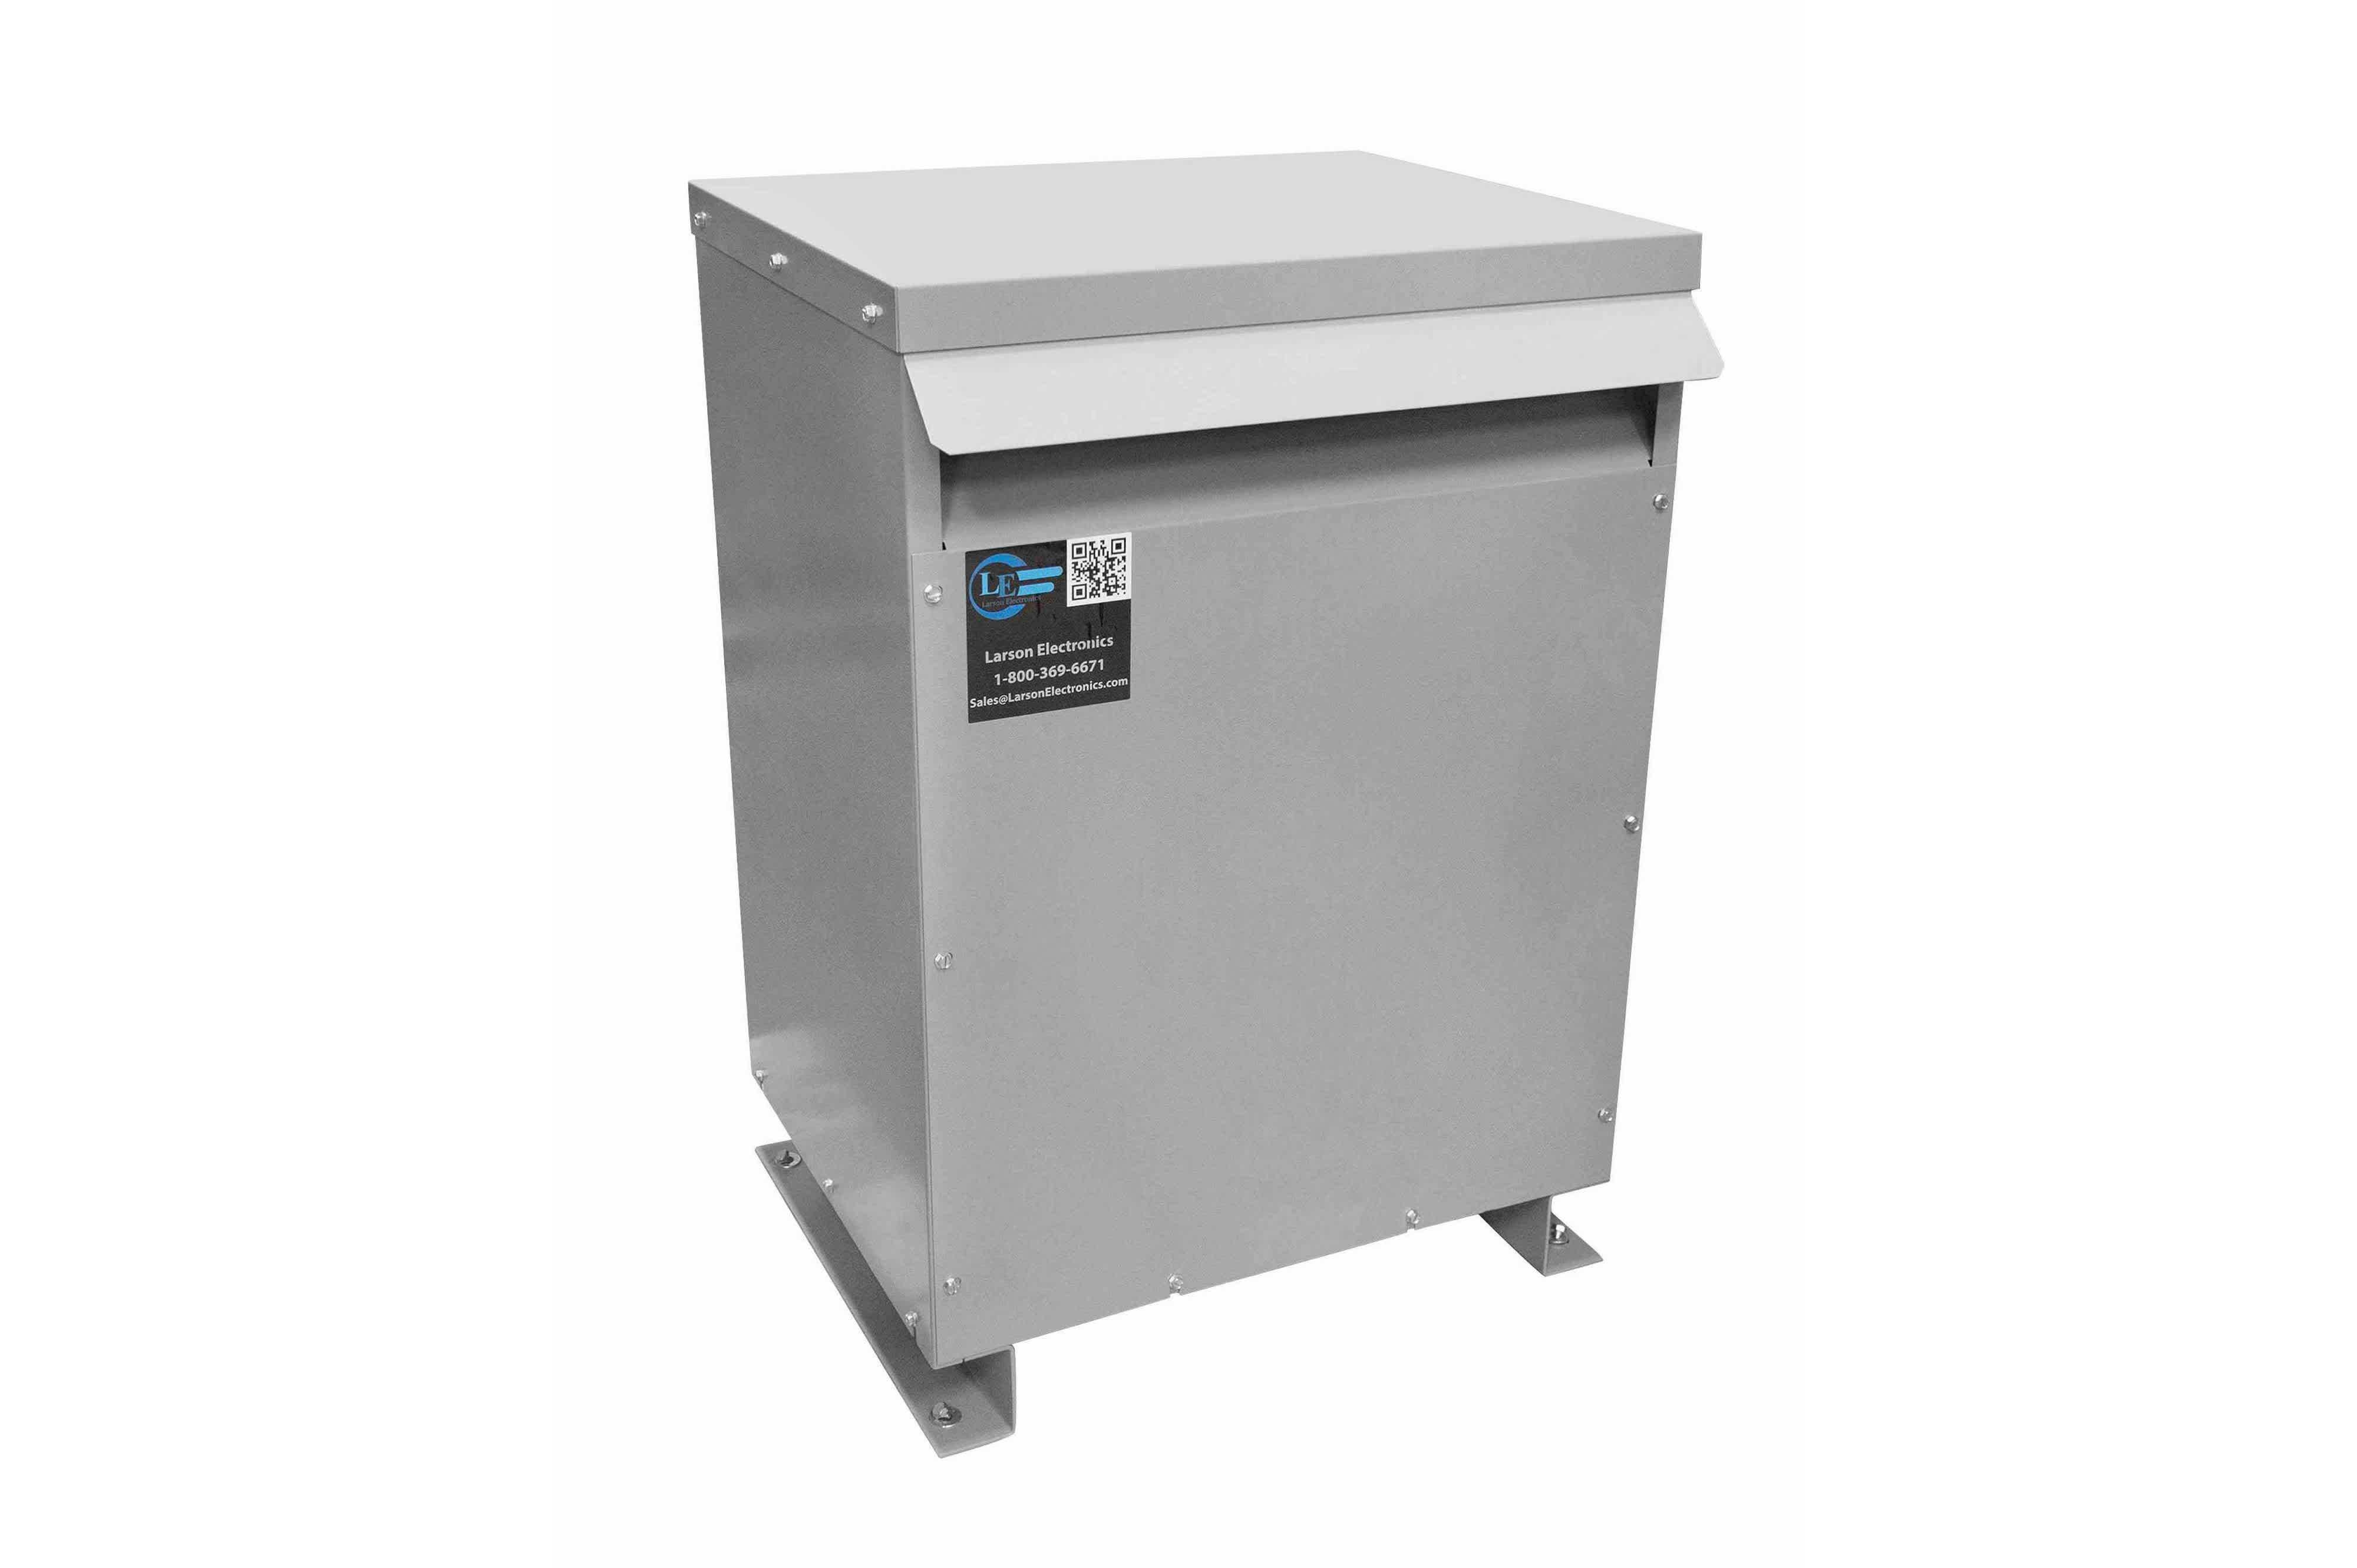 225 kVA 3PH Isolation Transformer, 460V Delta Primary, 400V Delta Secondary, N3R, Ventilated, 60 Hz